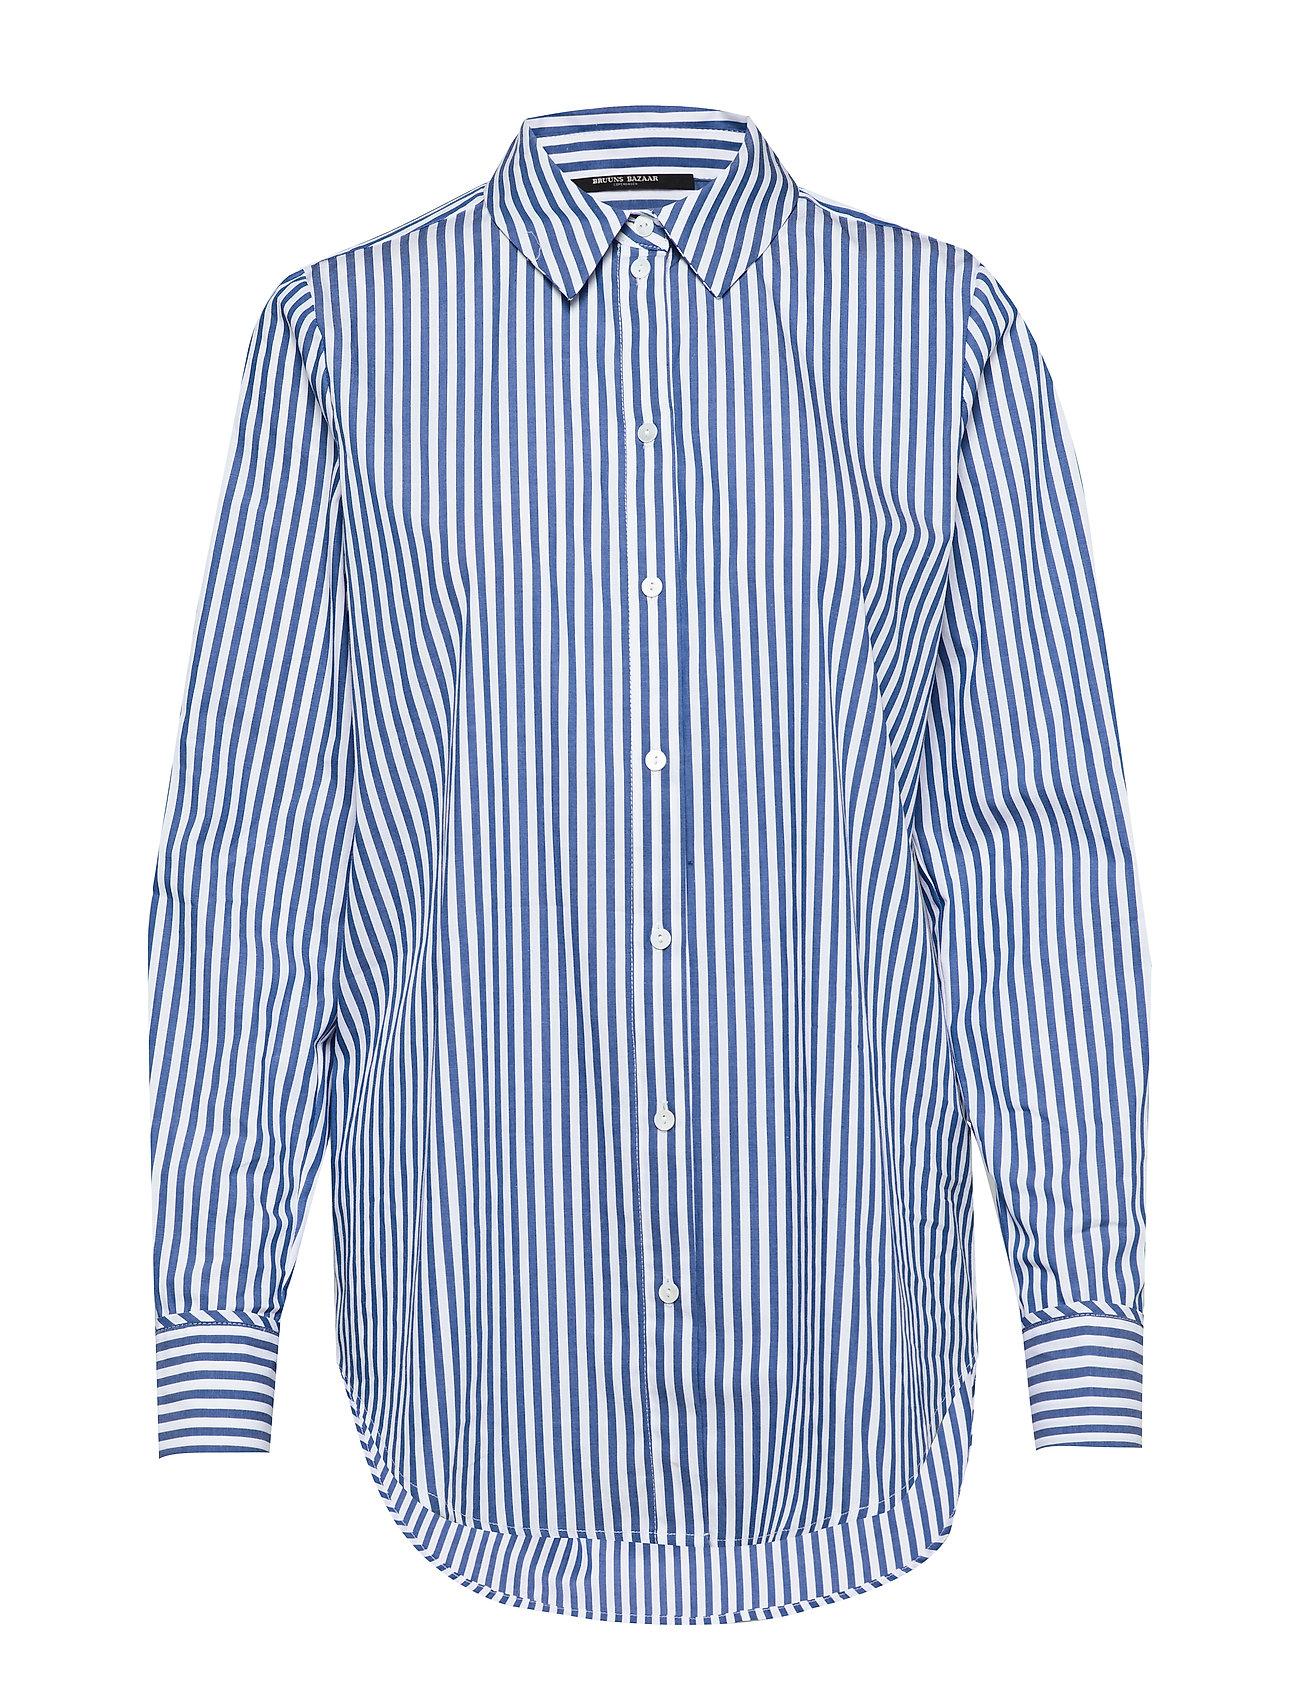 Bruuns Bazaar Rebekka Felina Shirt - INDIGO/WHITE STRIPE